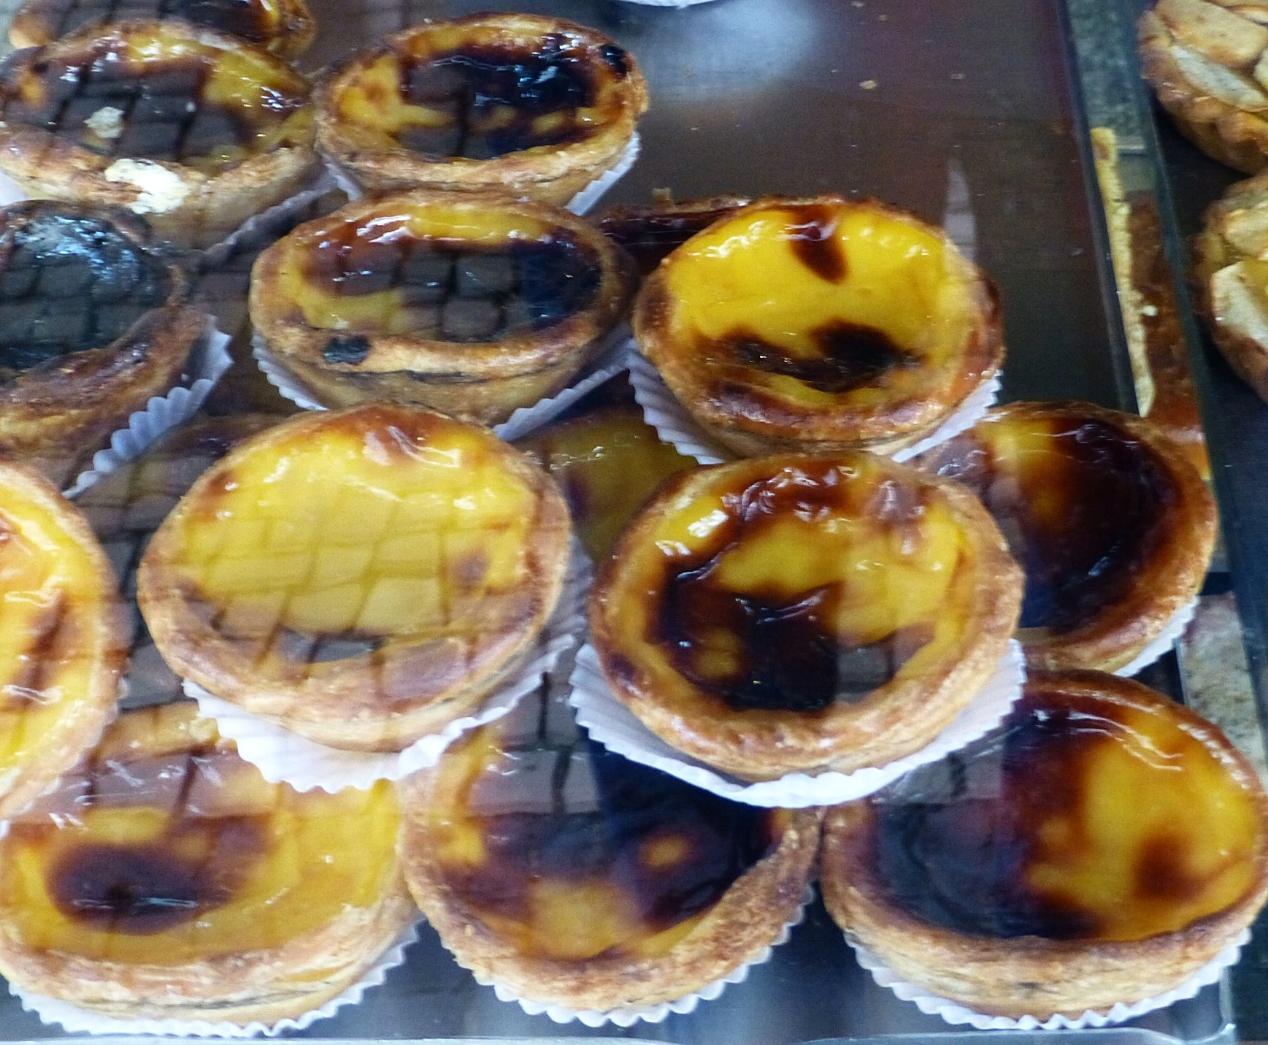 Portuguese custard tarts - yum!